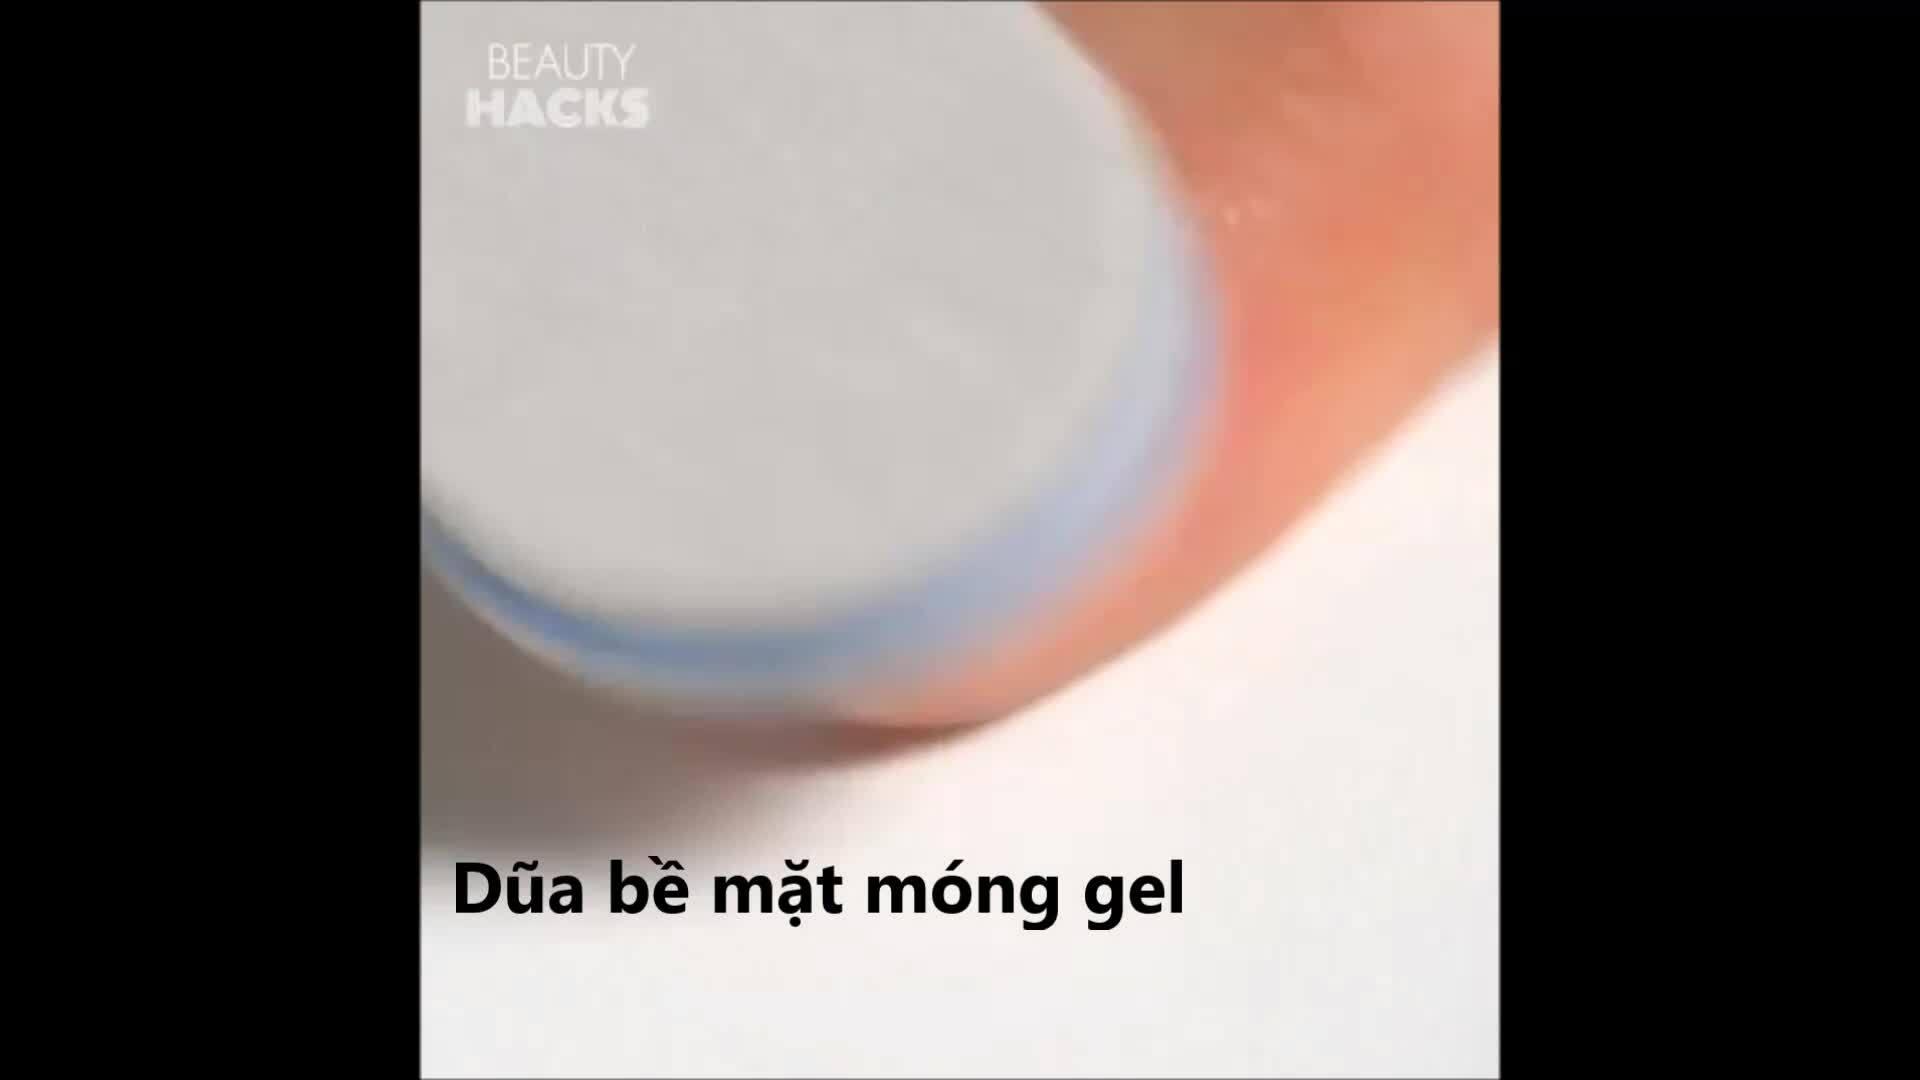 Hướng dẫn cách tẩy sạch móng gel tại nhà